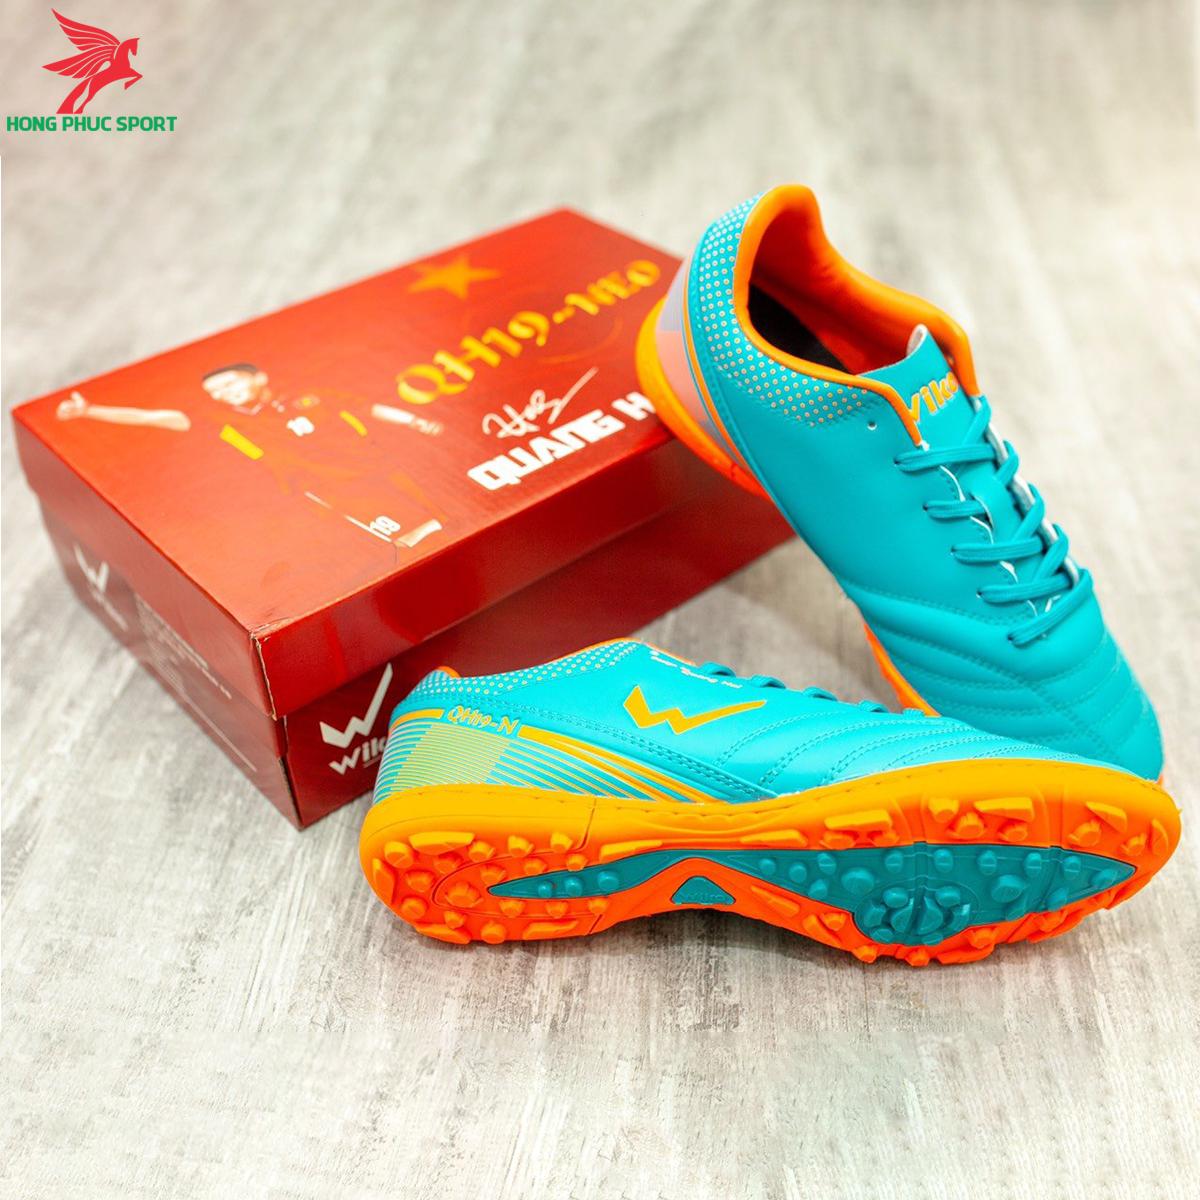 Giày đá banh Wika QH19 Neo sân cỏ nhân tạo màu Xanh ngọc (3)